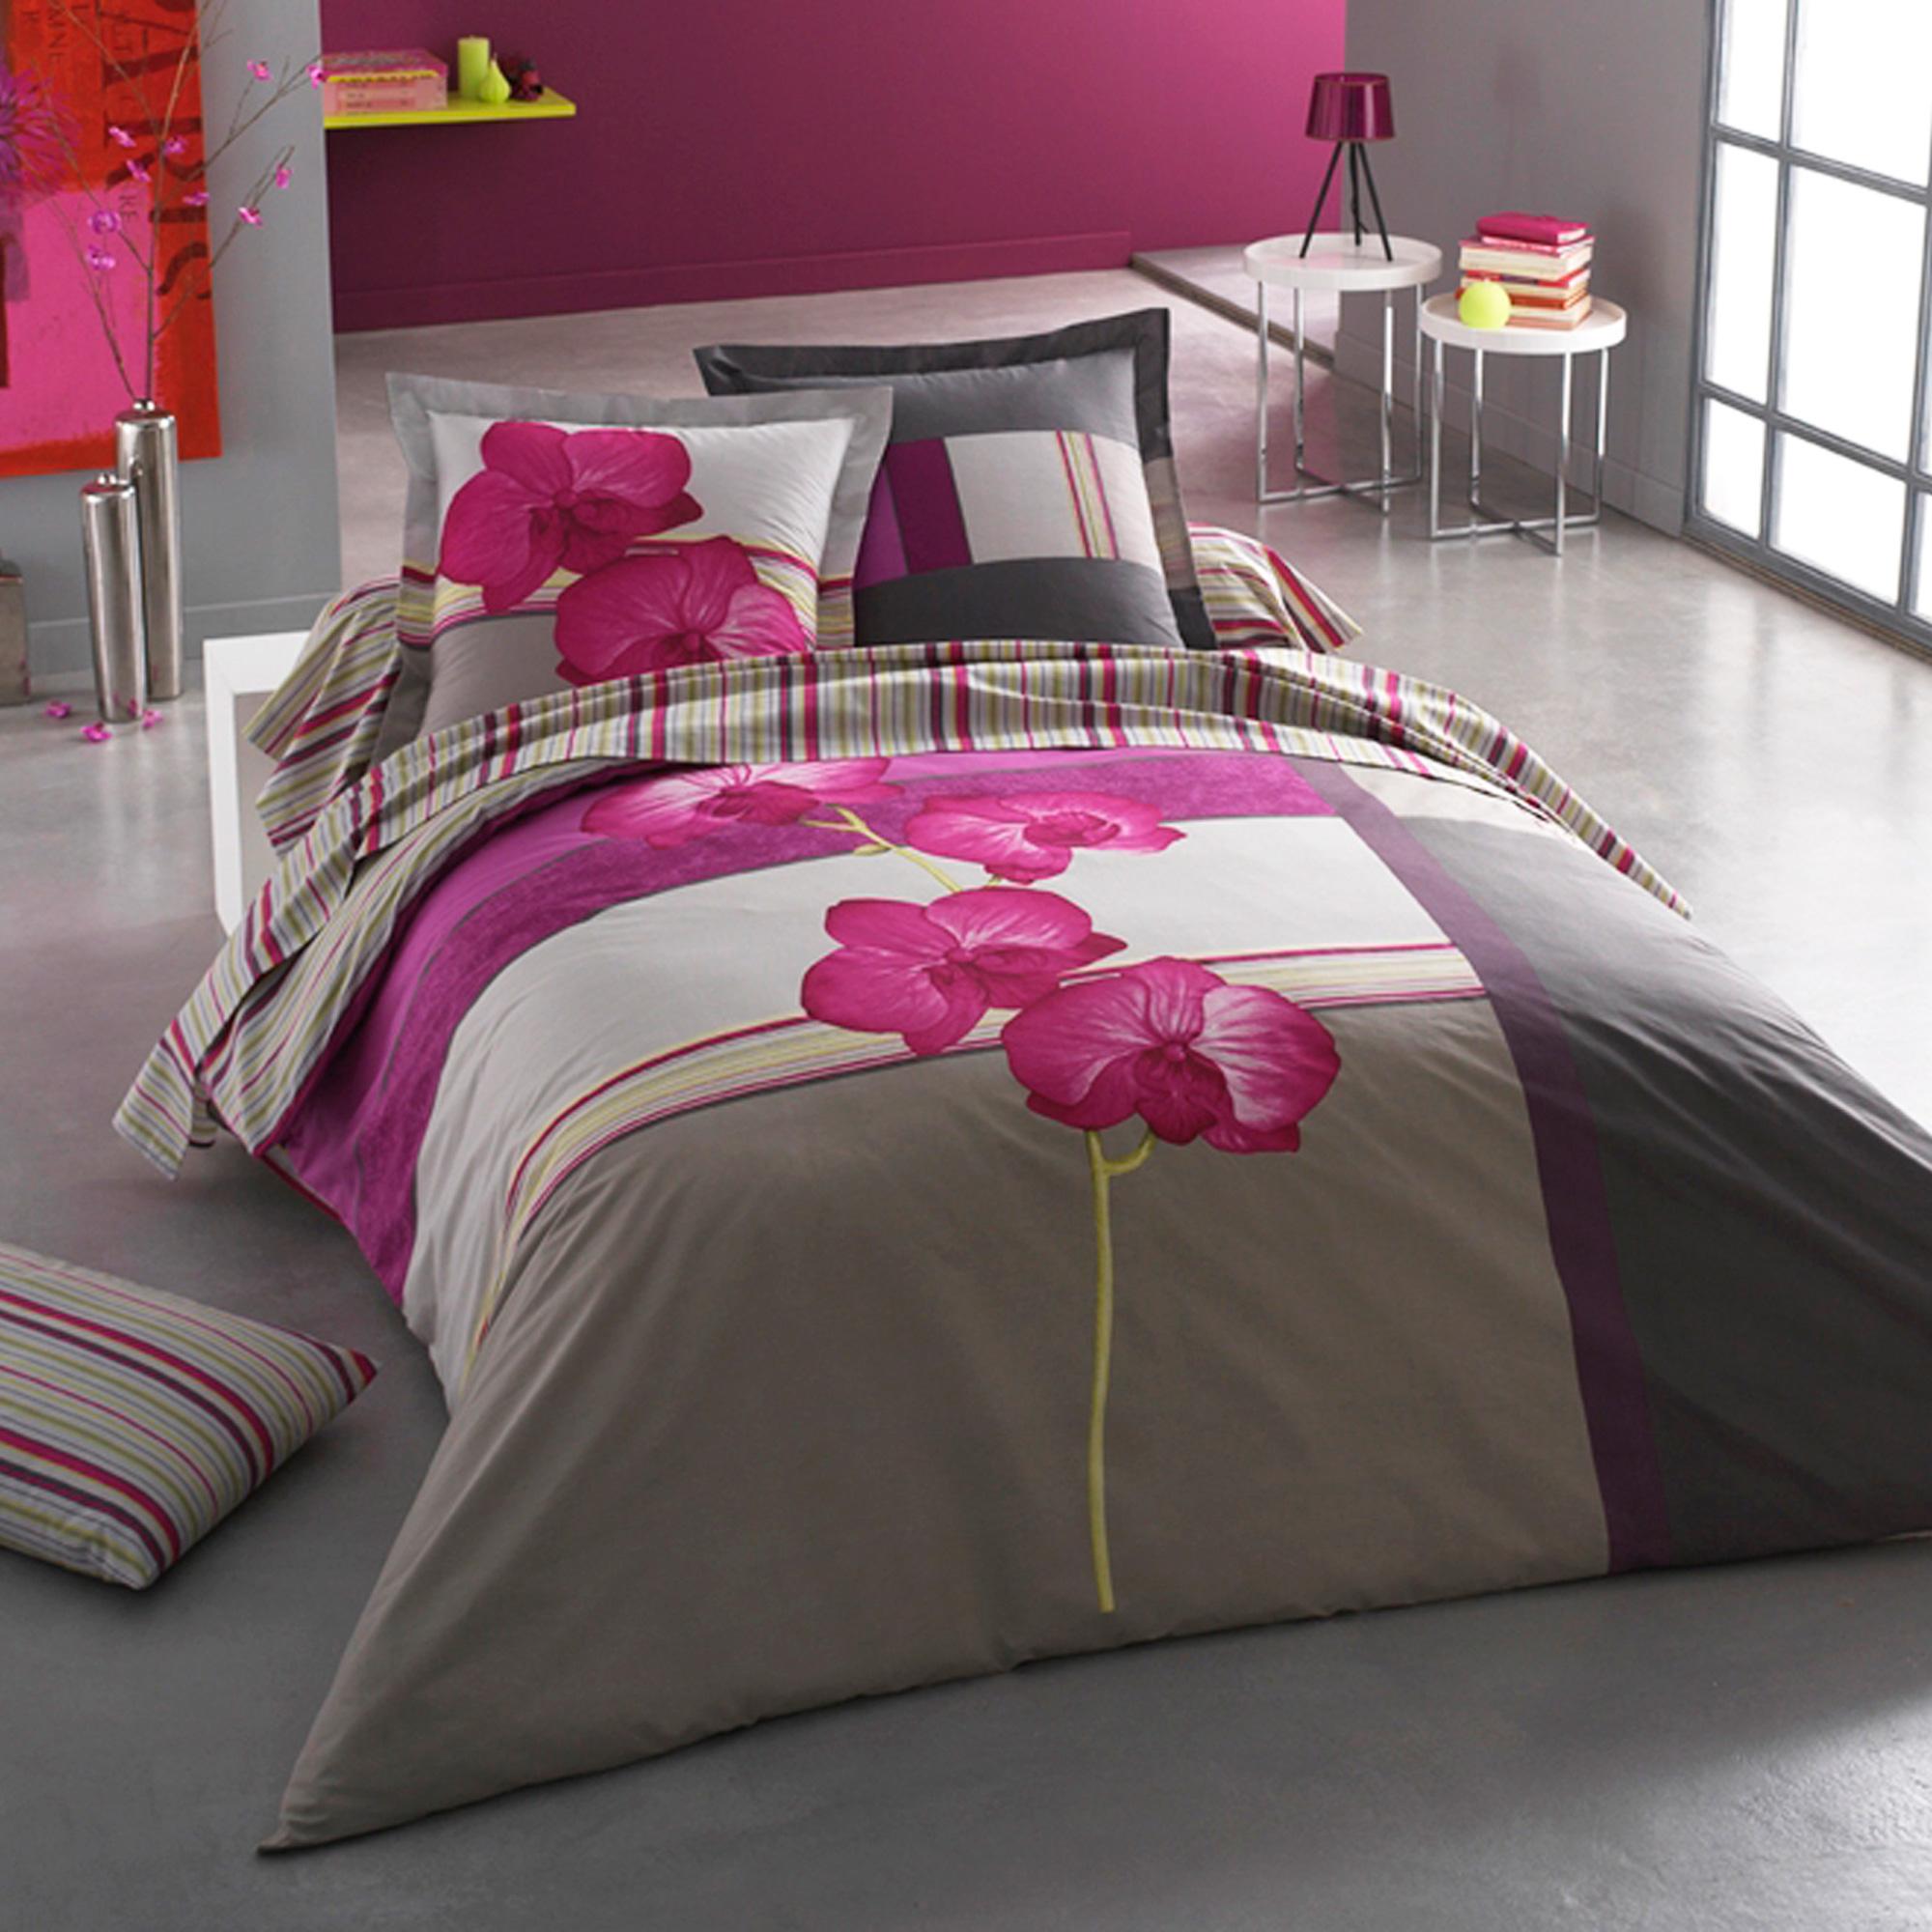 parure de drap 2 pers yola 240 x 300 cm acheter ce produit au meilleur prix. Black Bedroom Furniture Sets. Home Design Ideas